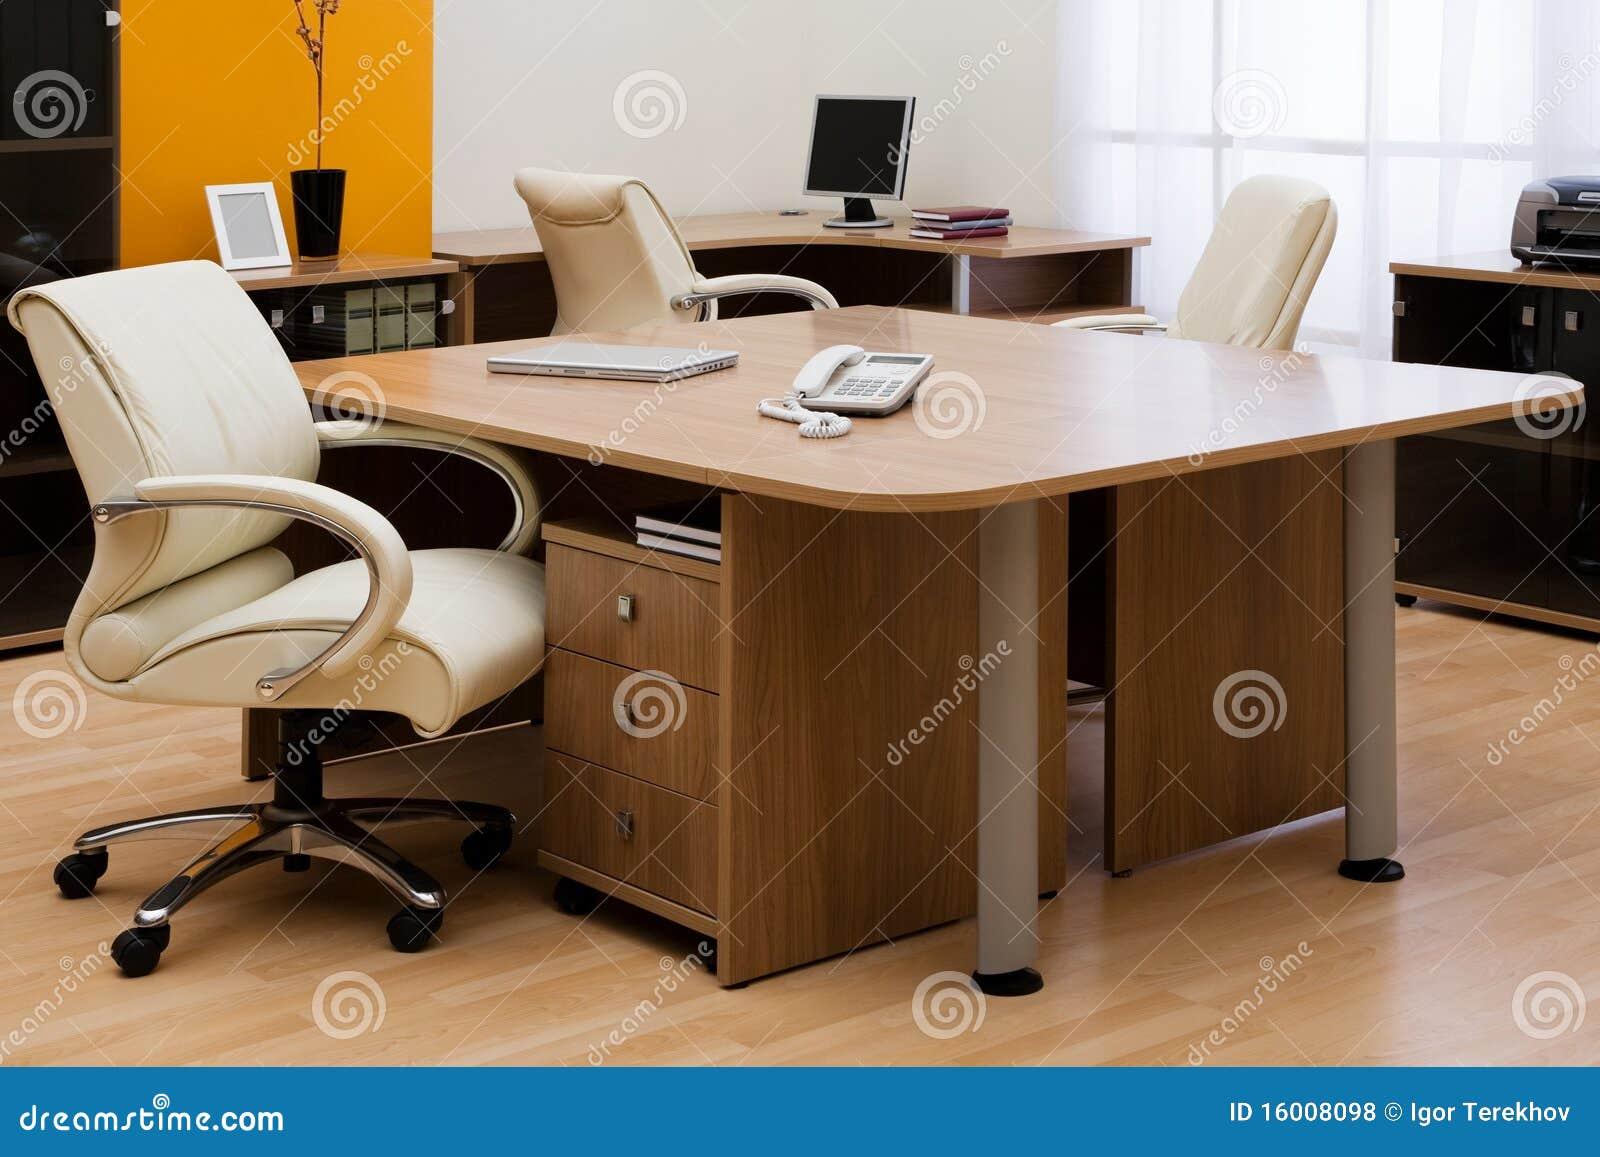 Bureau op modern kantoor royalty vrije stock foto 39 s afbeelding 16008098 - Moderne kantoorbureaus ...